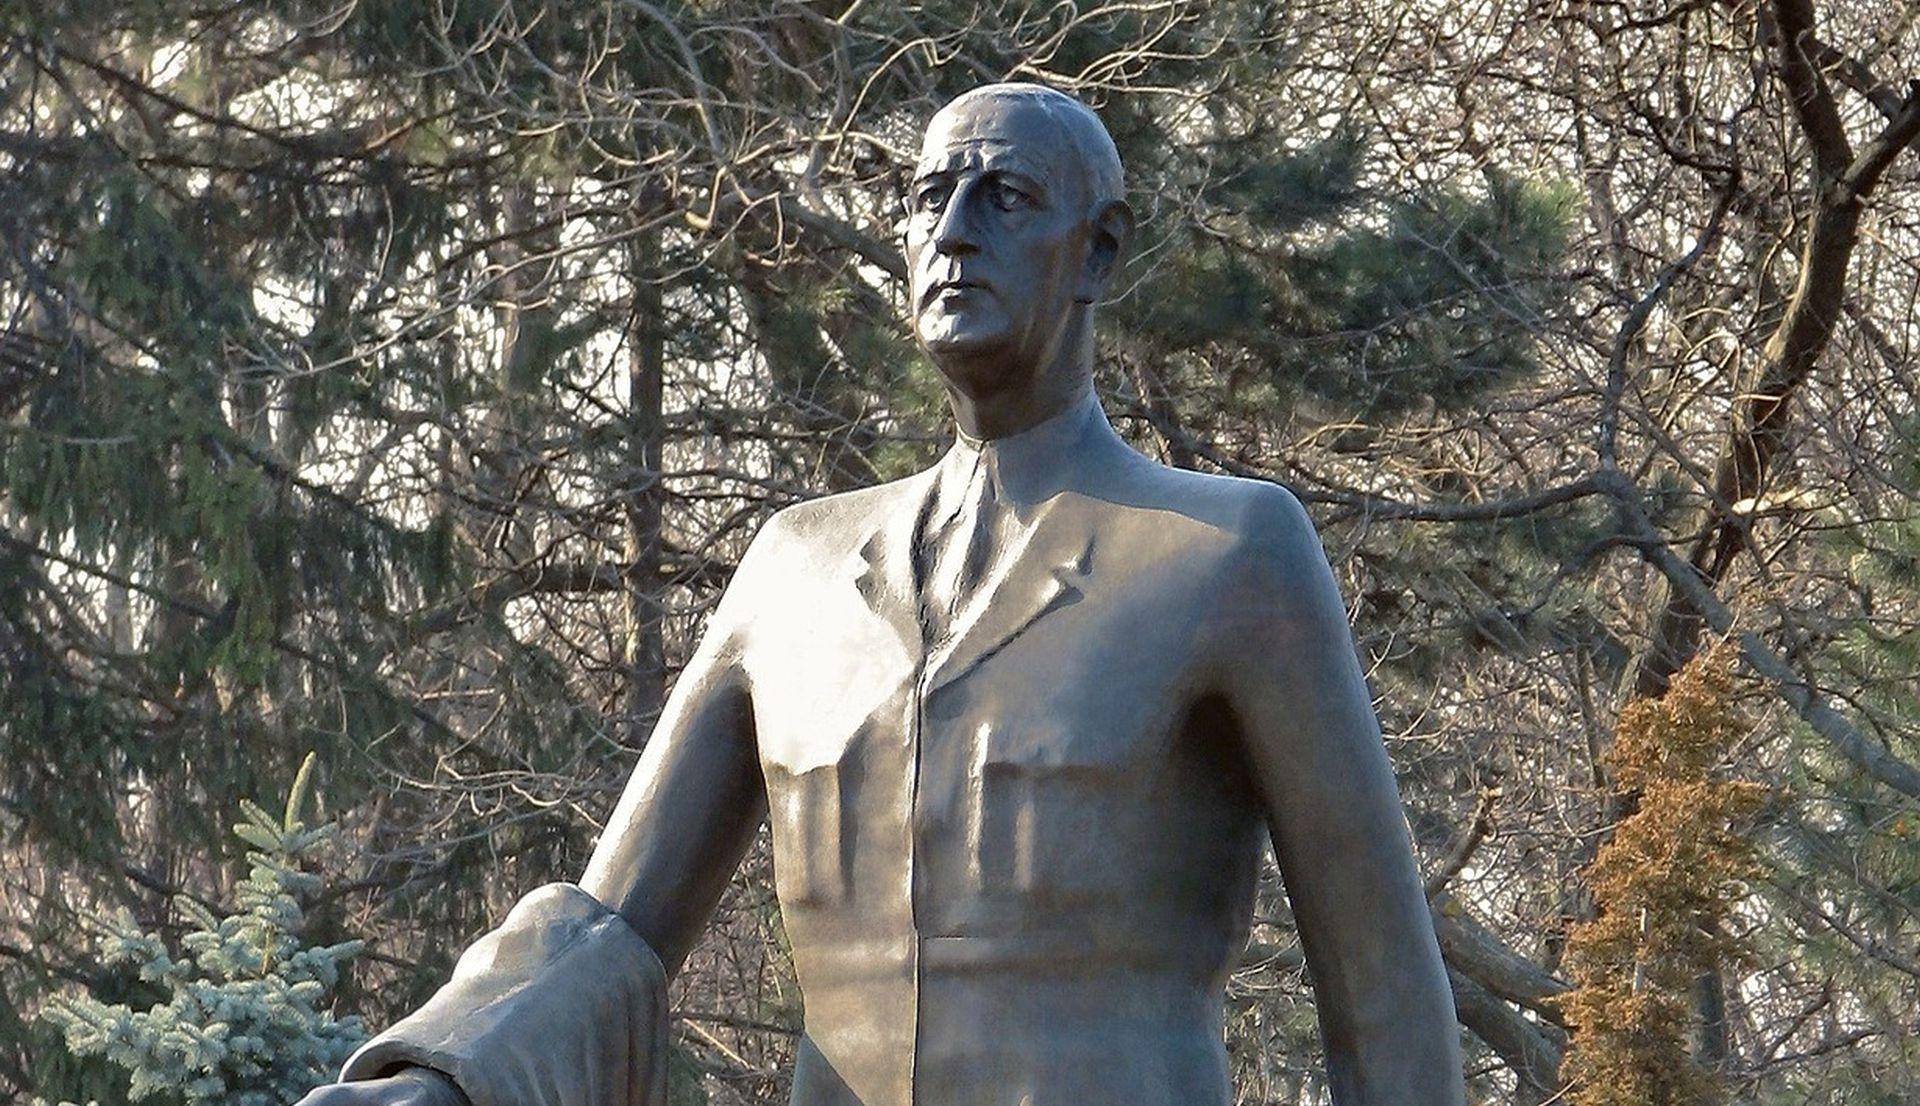 'UVRIJEDILI SU FRANCUSKU' Vandali oštetili grob Charlesa de Gaullea